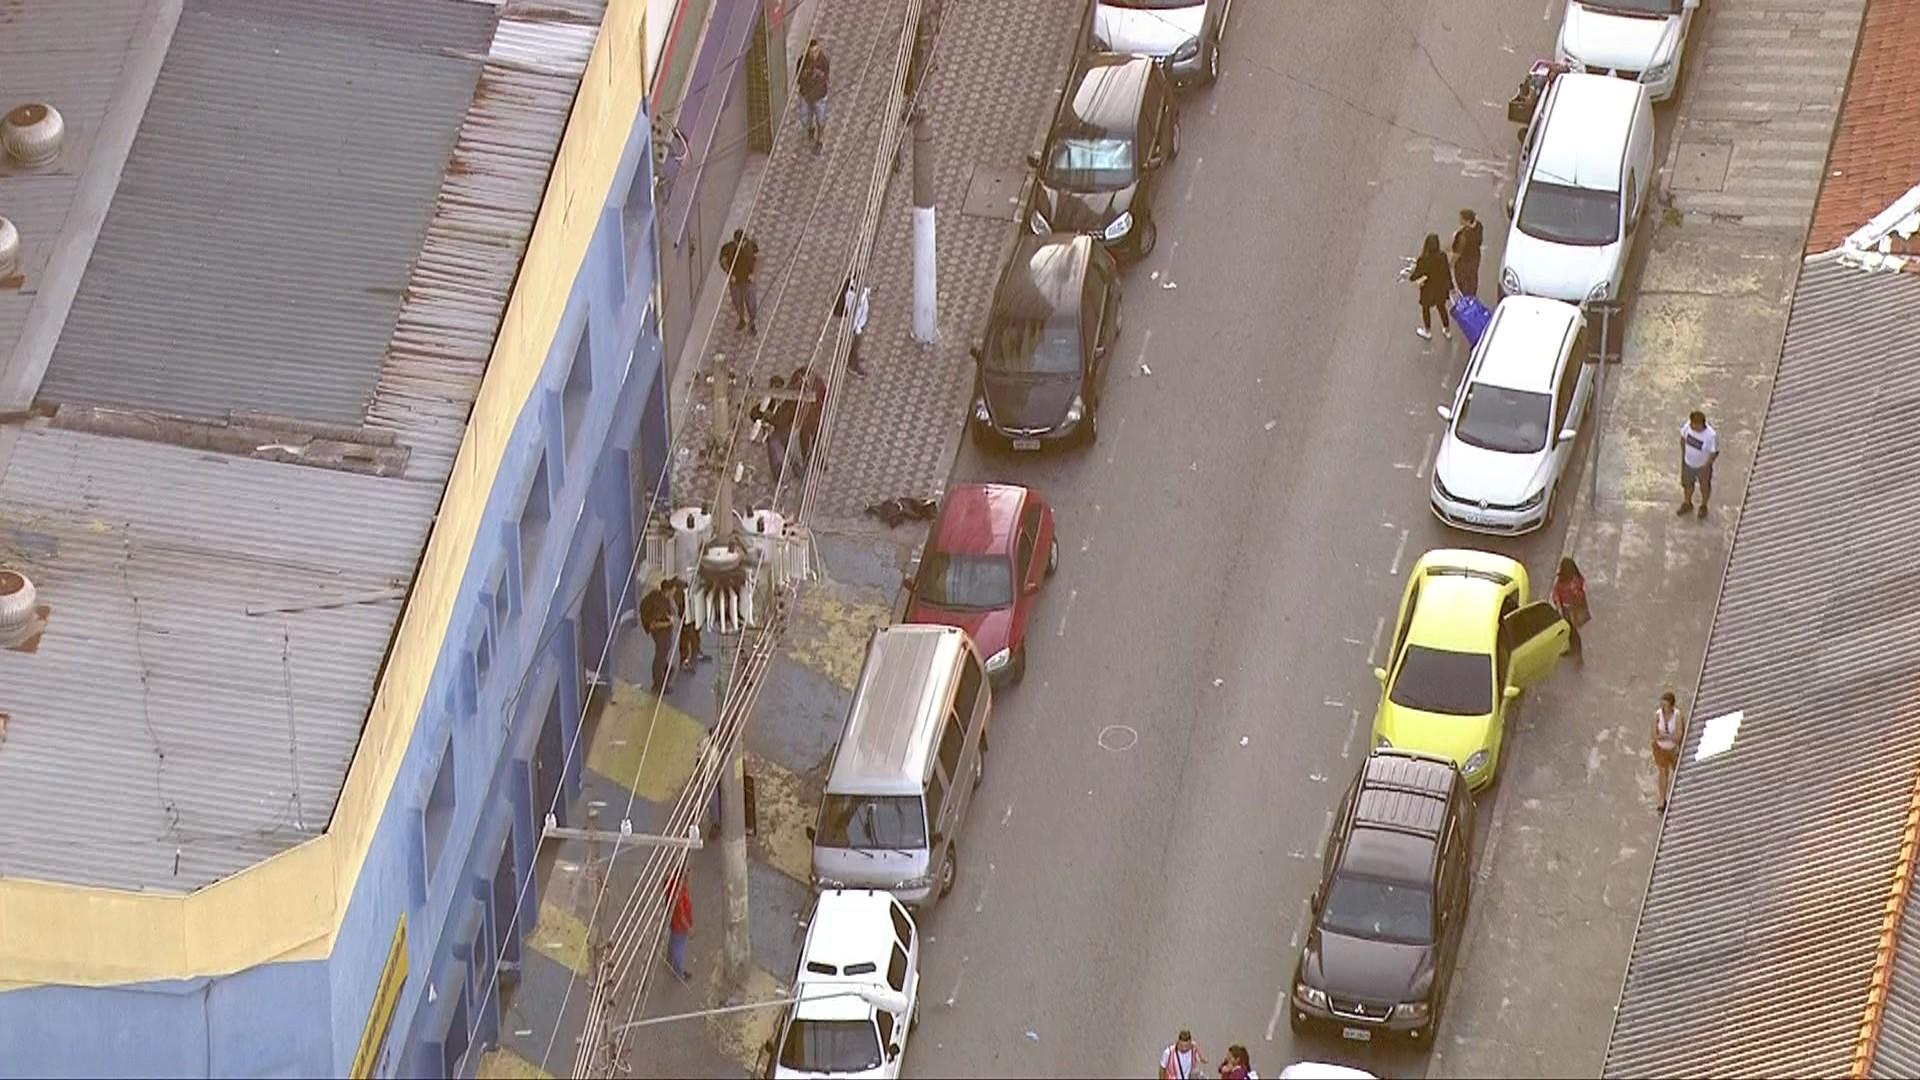 Guarda-civil morre após ser baleado por criminosos no Brás - Notícias - Plantão Diário